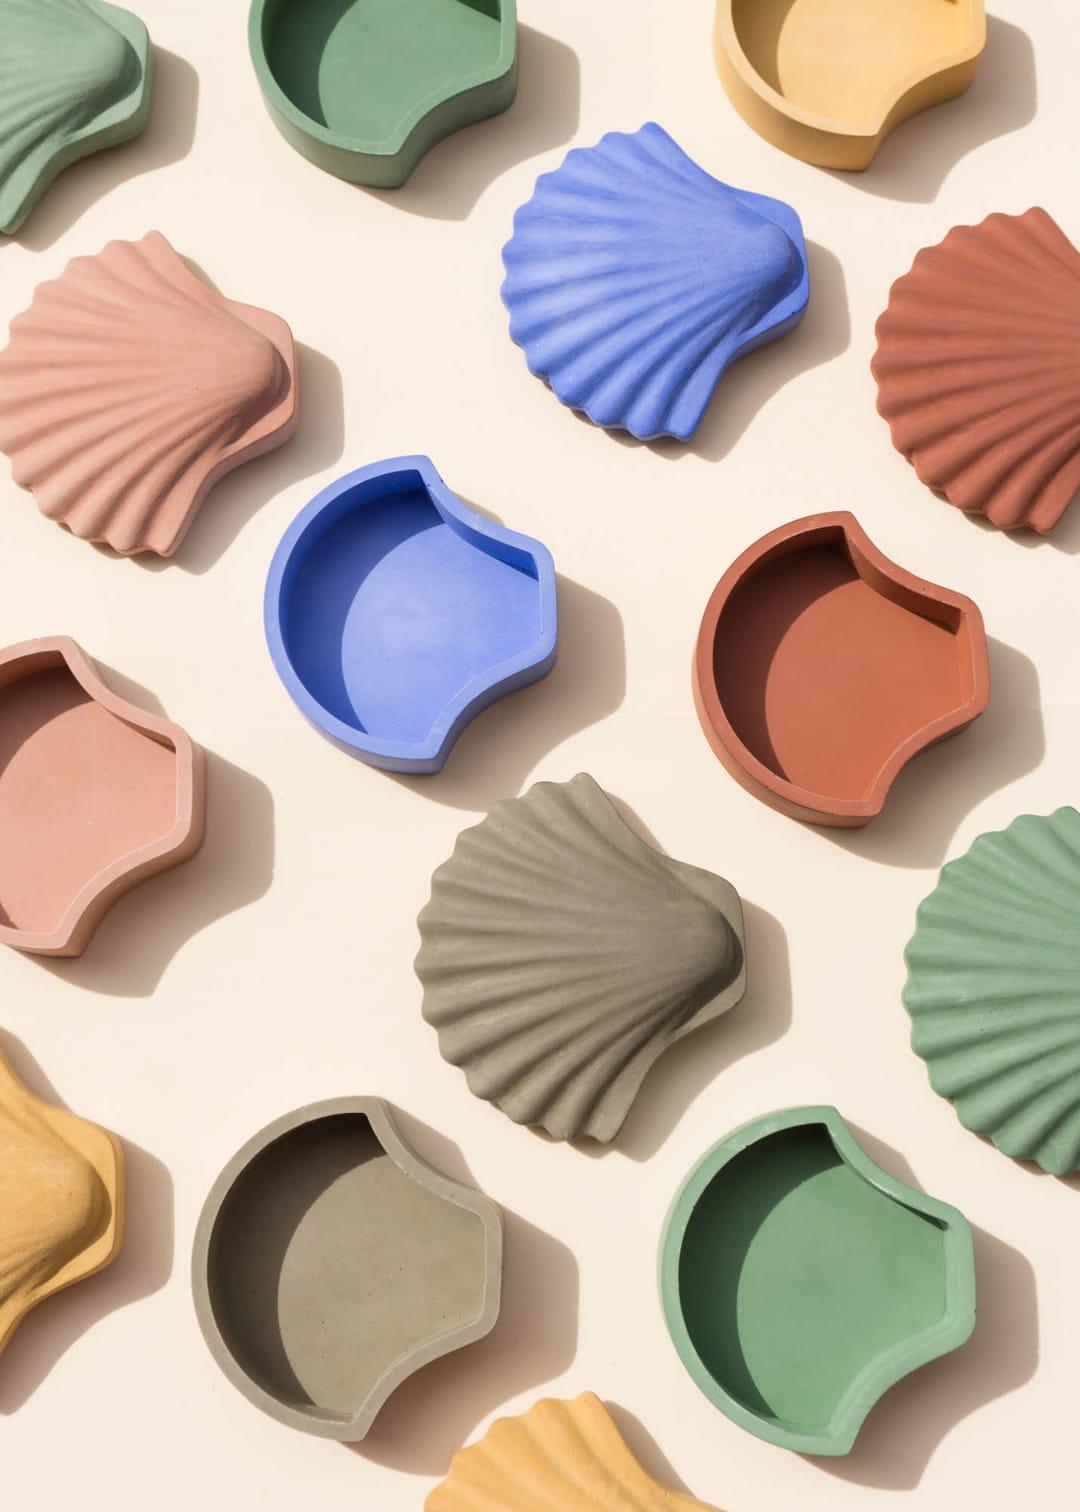 boite-ceramique-los-objectivos-decorativos